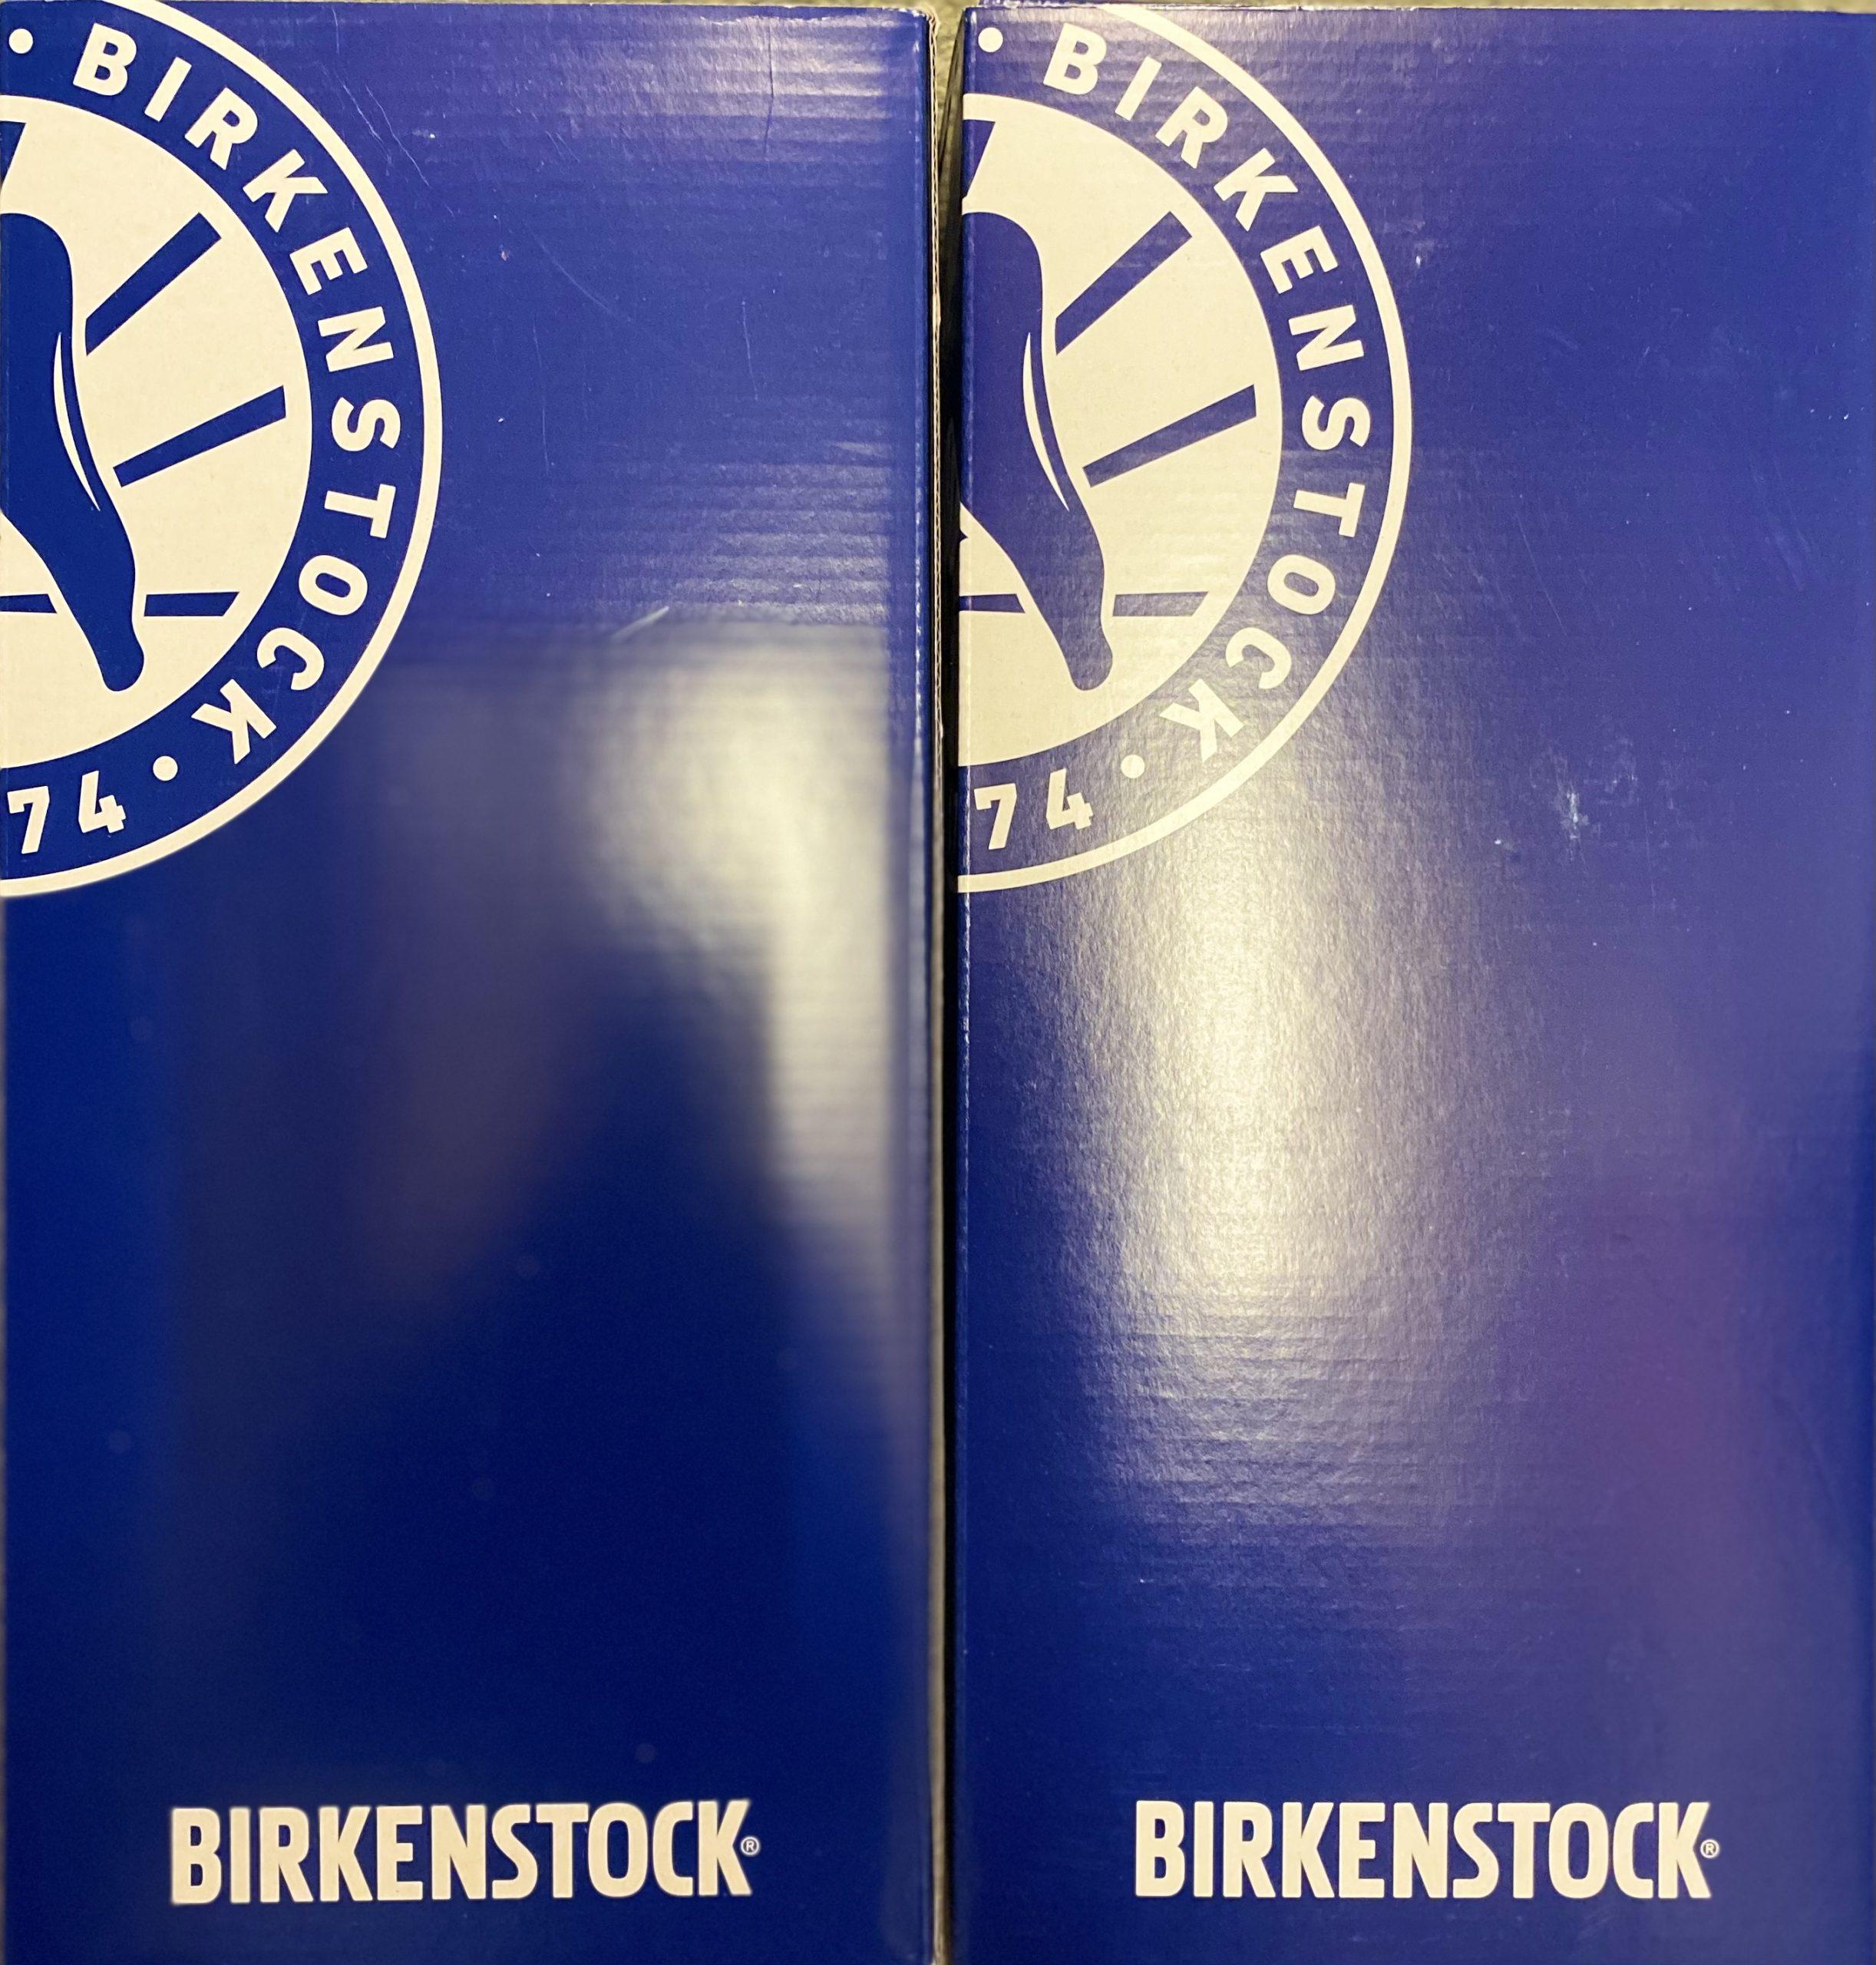 How To Clean Your Birkenstocks